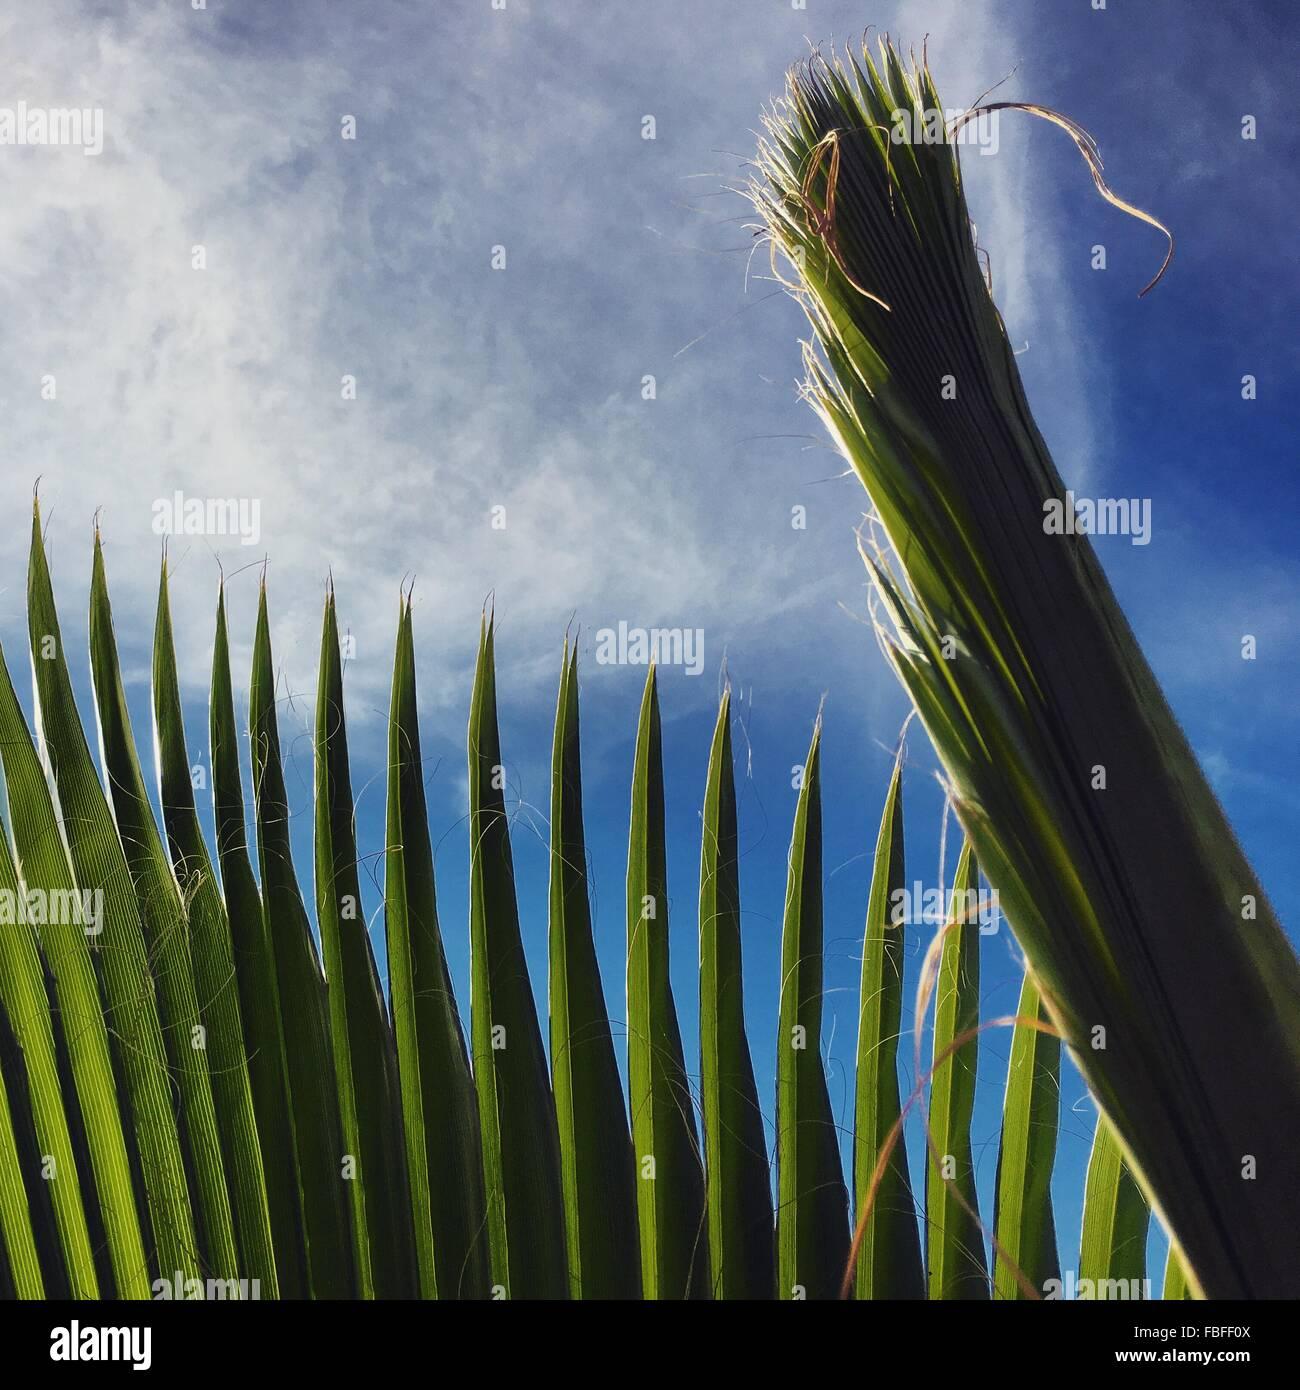 Basso Angolo di visione delle piante contro Sky Immagini Stock